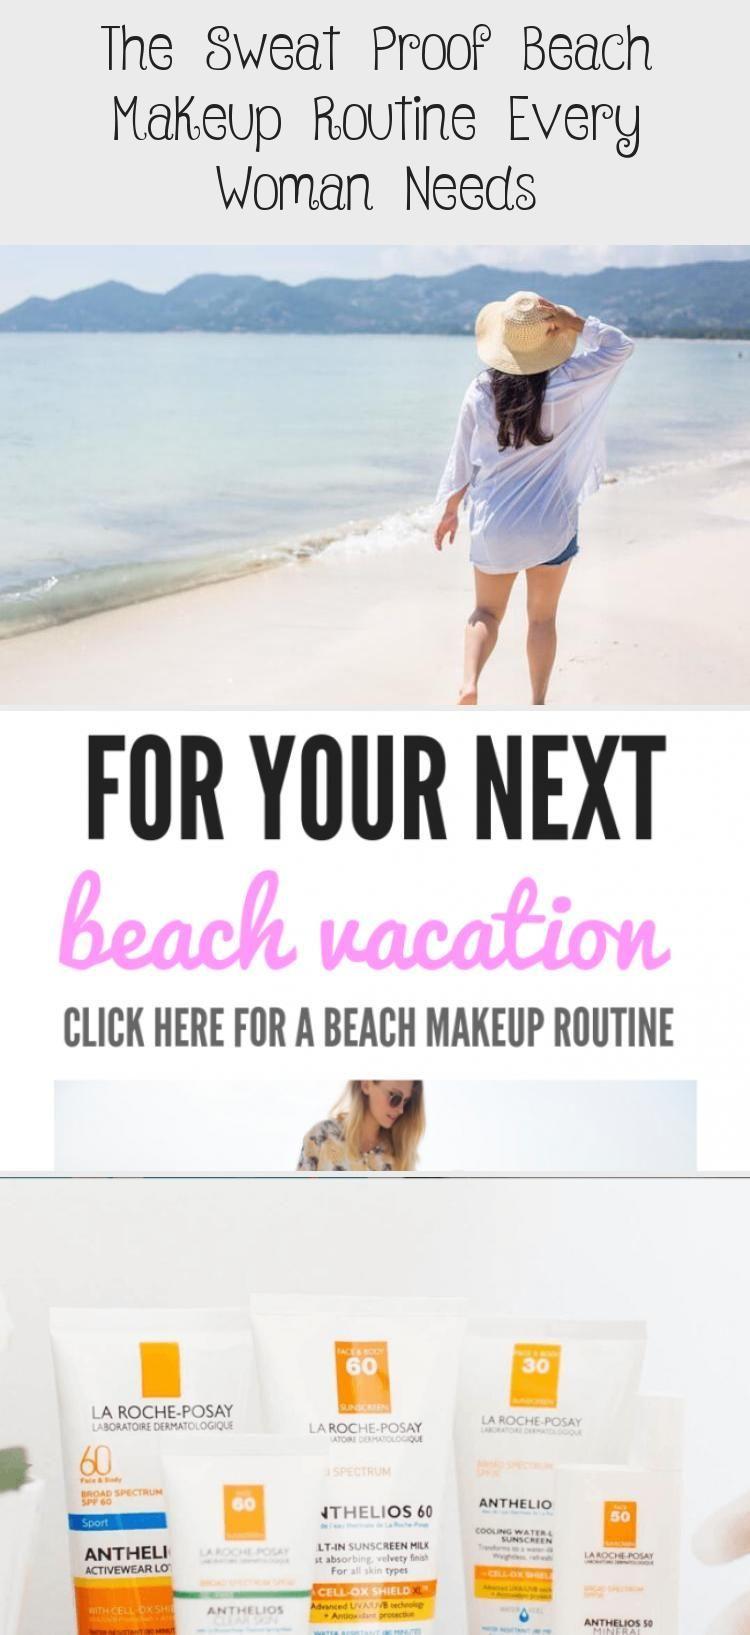 The Sweat Proof Beach Makeup Routine Every Woman Needs  Beauty   The Sweat Proof Beach Makeup Routine Every Woman Needs  Beauty Makeup Tutorial Egal ob es sich um eine wa...